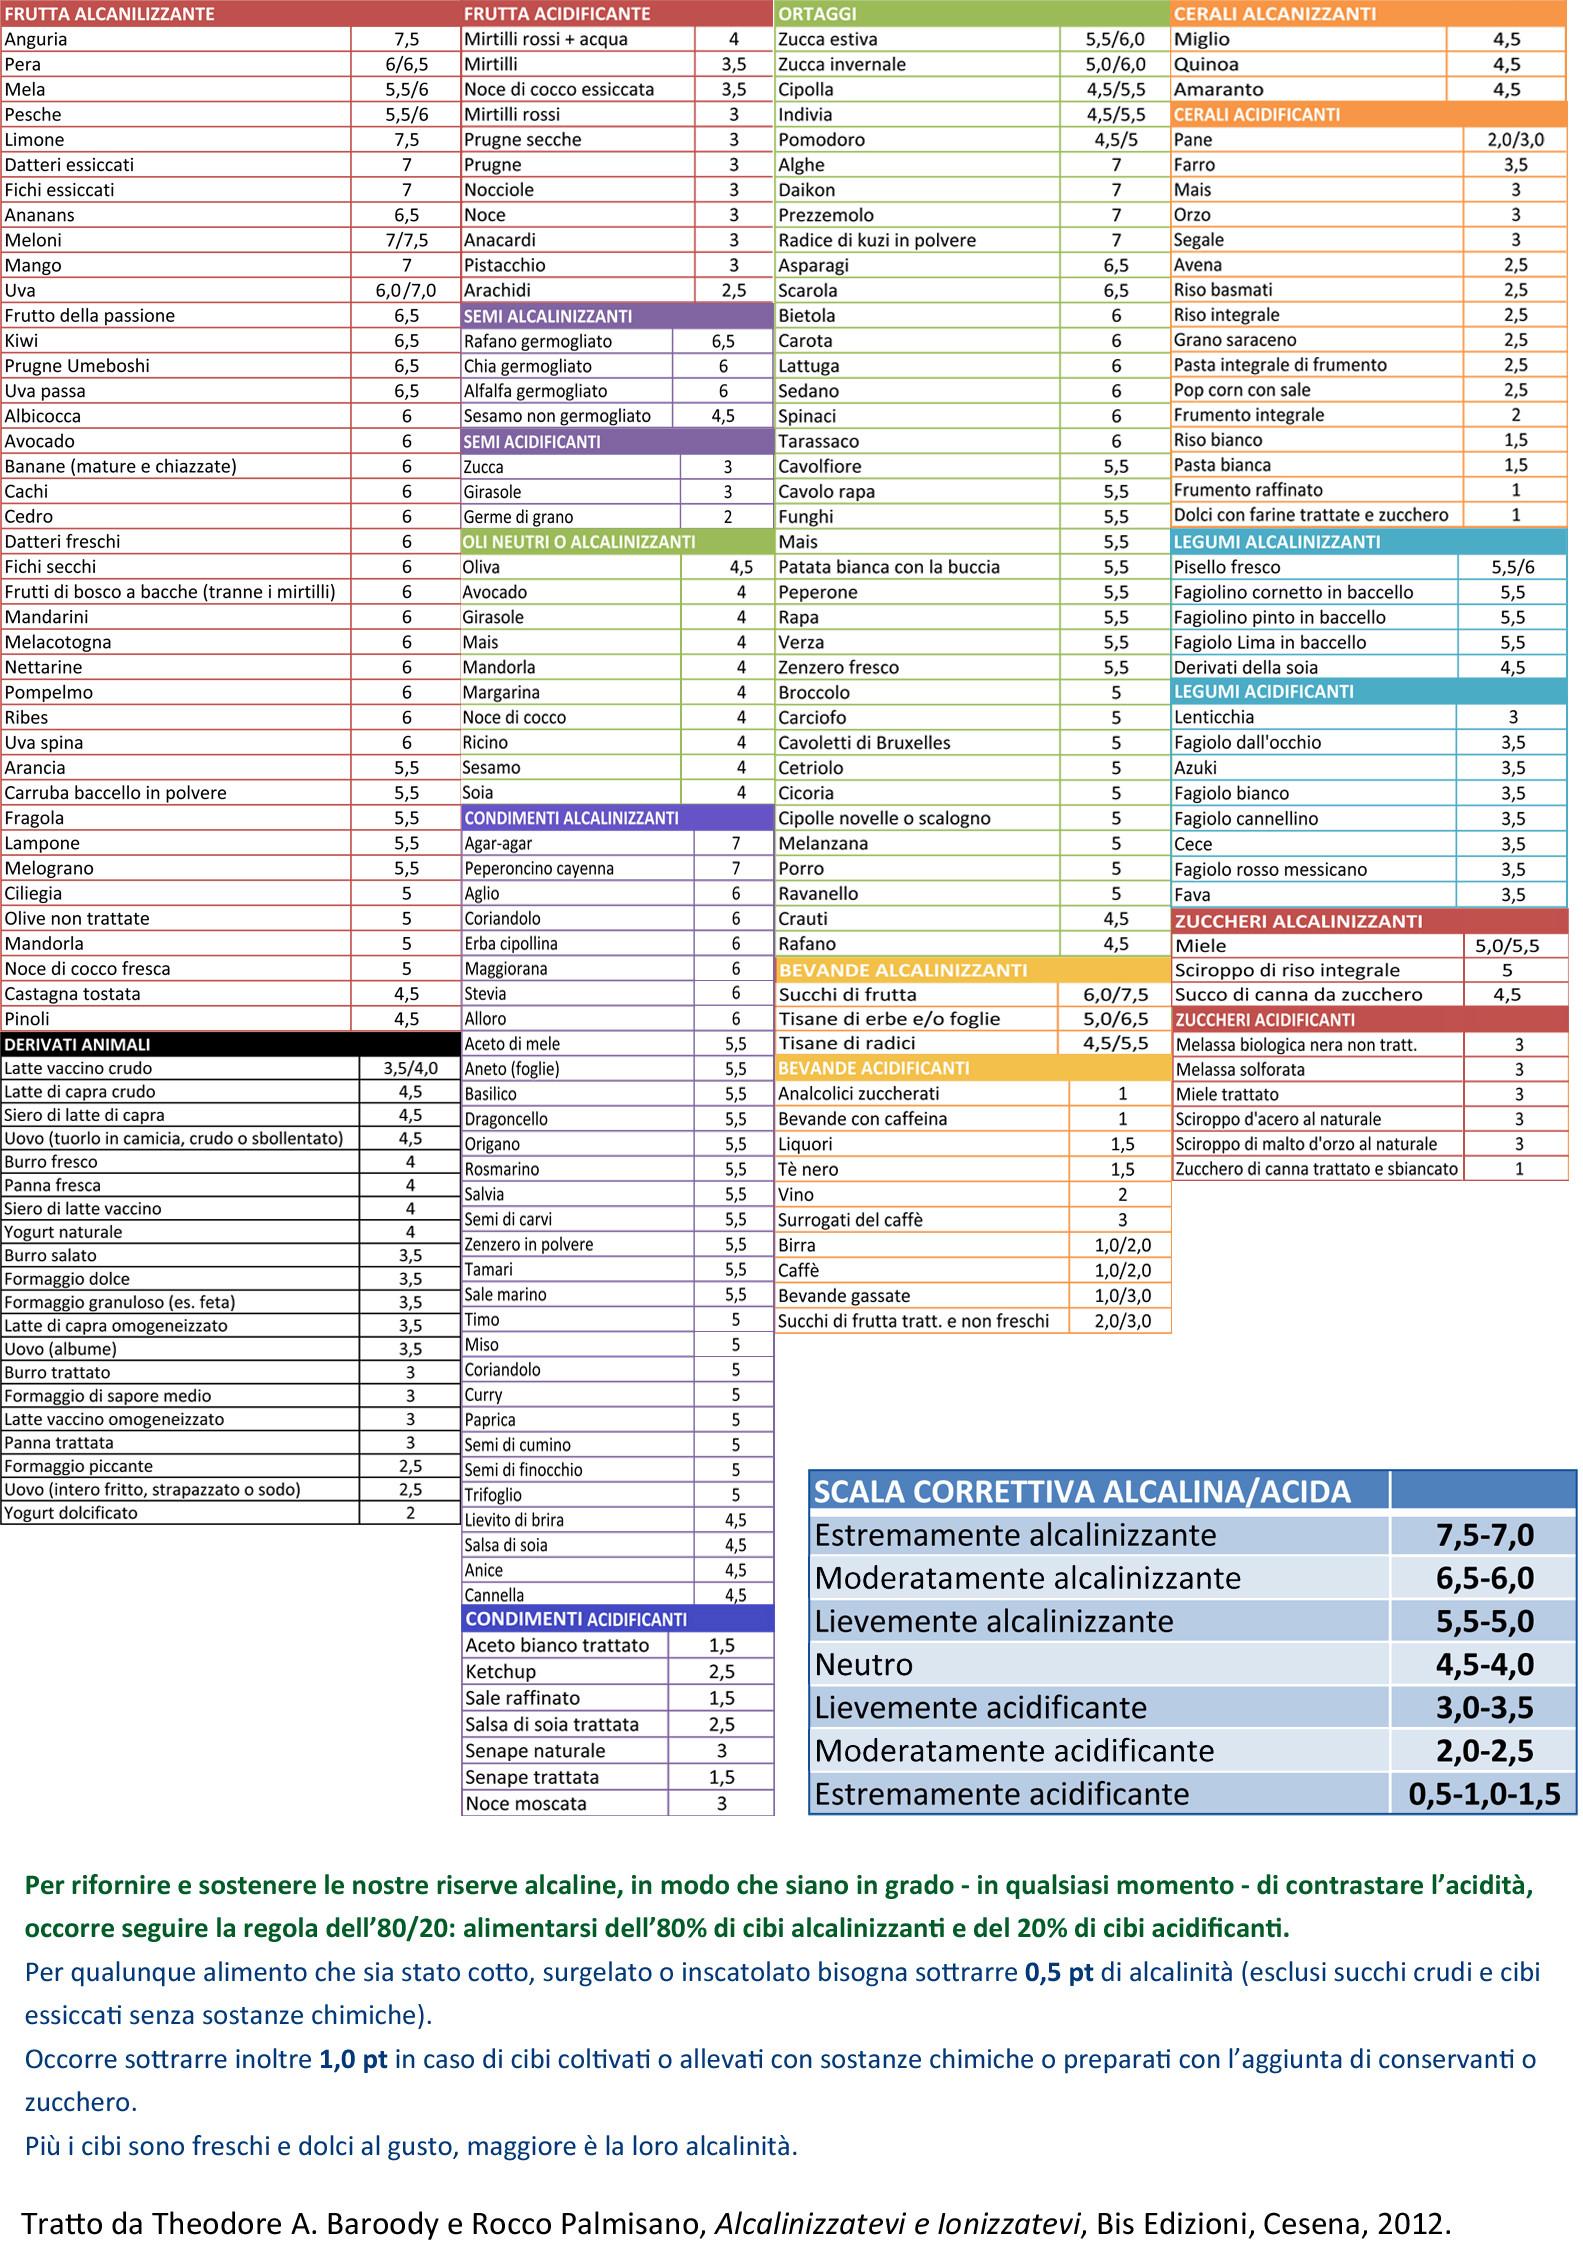 Del Tabelle  Una tabella dei cibi alcalinizzanti e acidificanti free